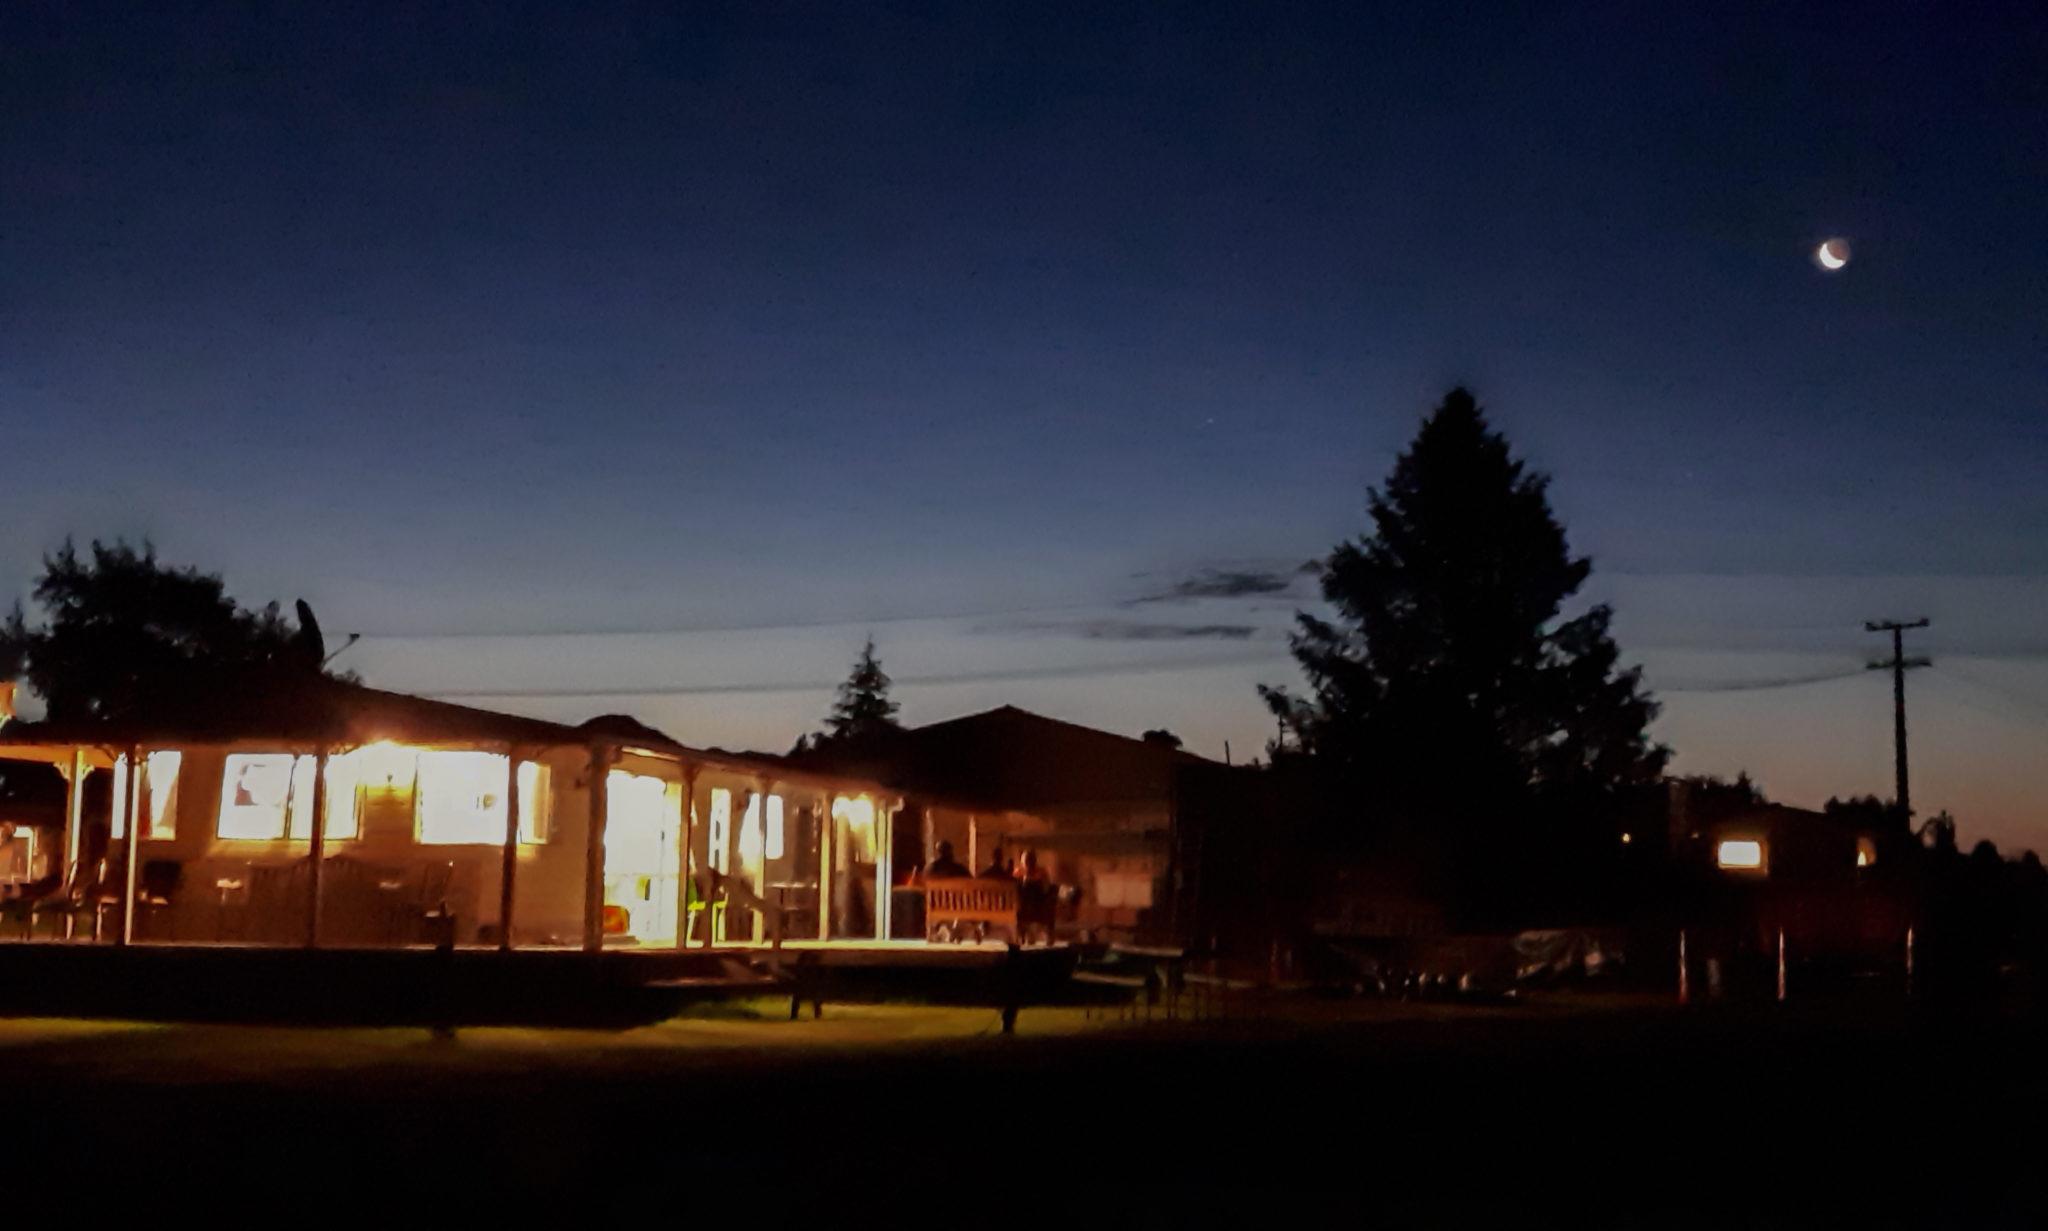 Raetihi Holiday Park at night